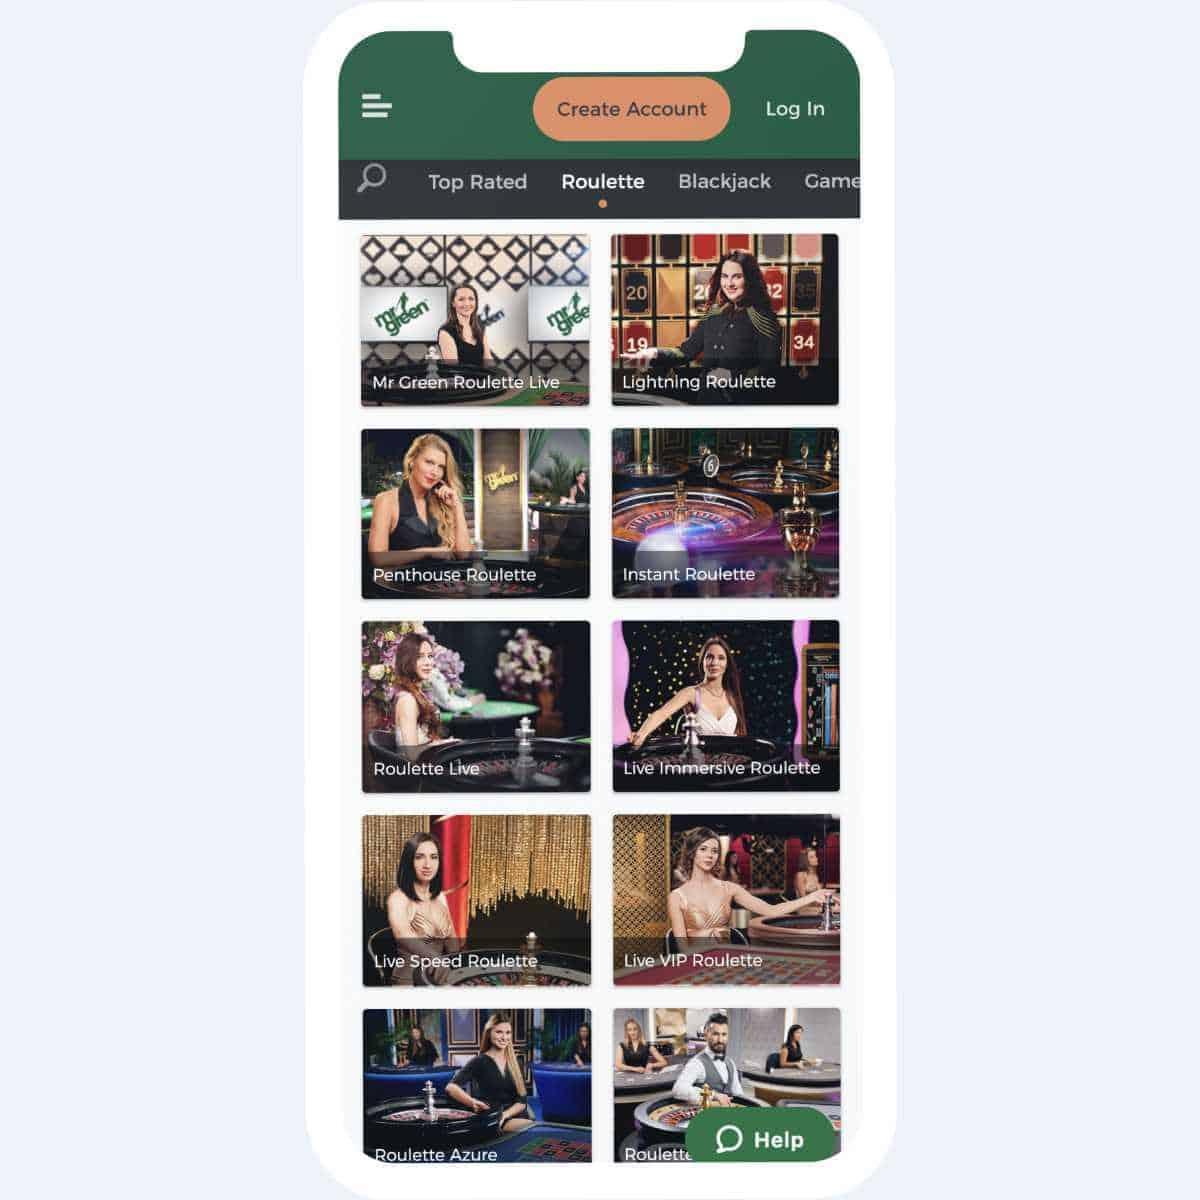 mr green live casino mobile